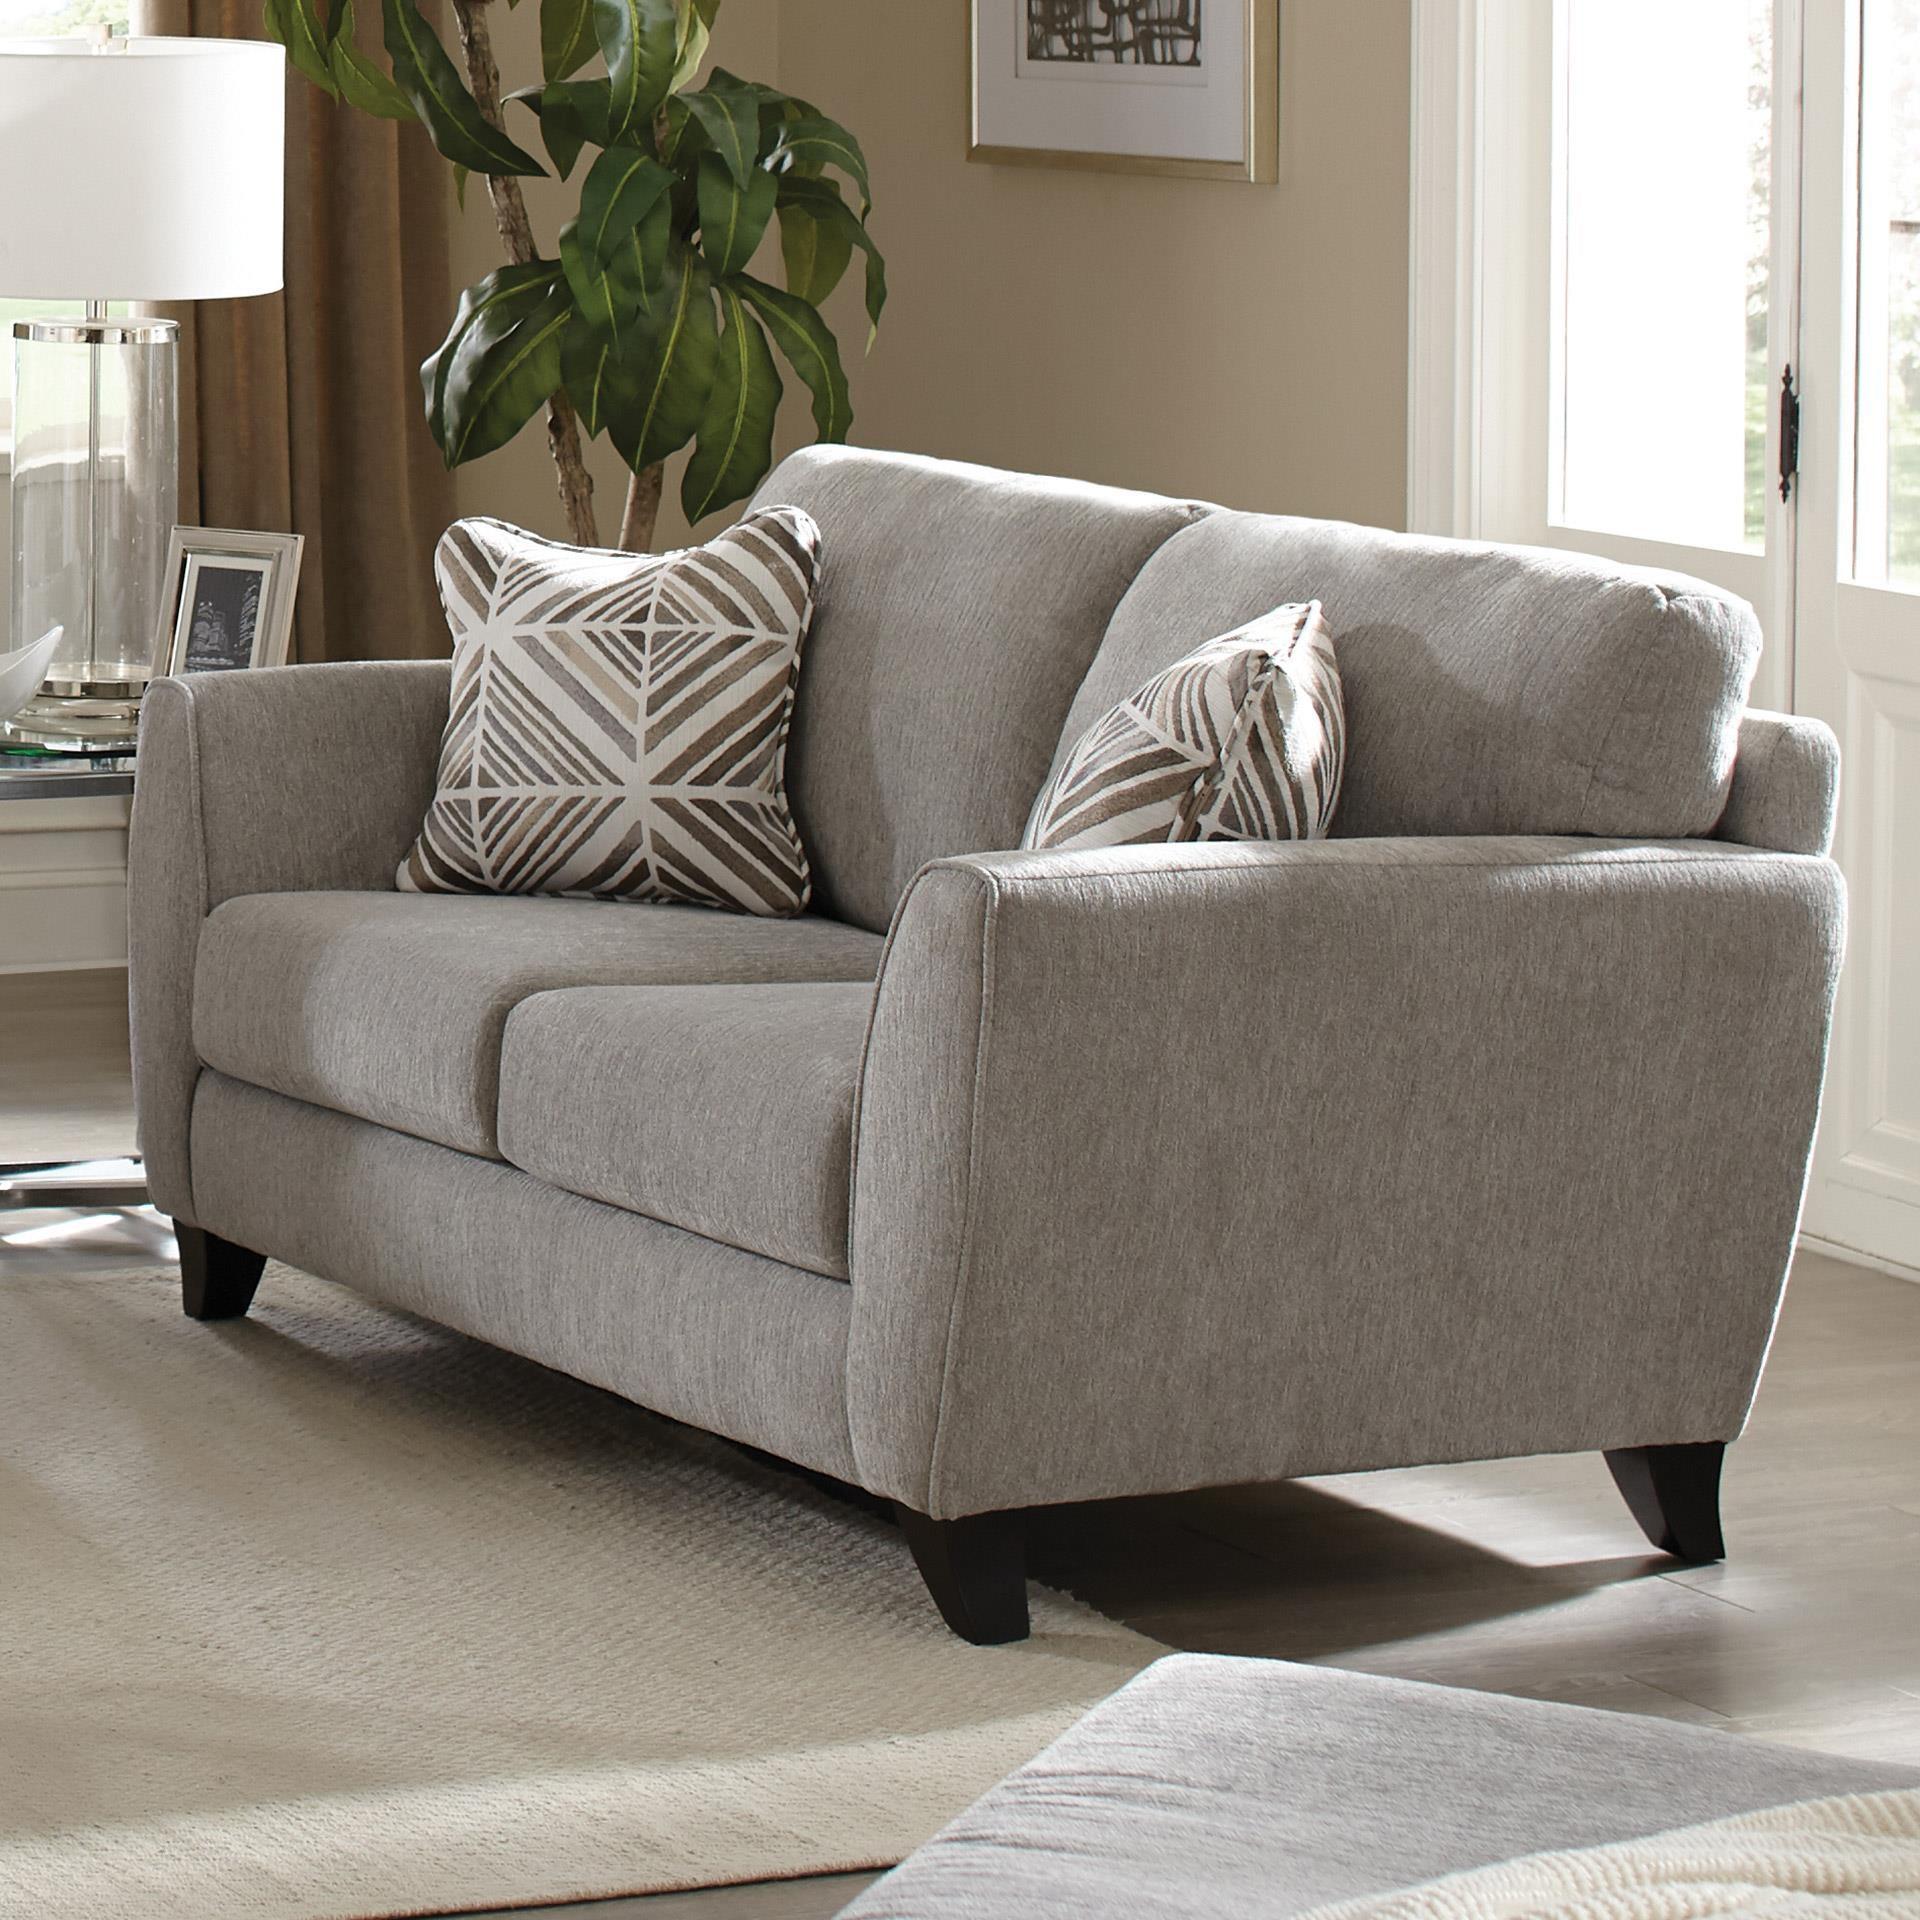 Jackson Furniture Alyssa Pebble Loveseat - Item Number: 4215-02-2072-18-2073-28